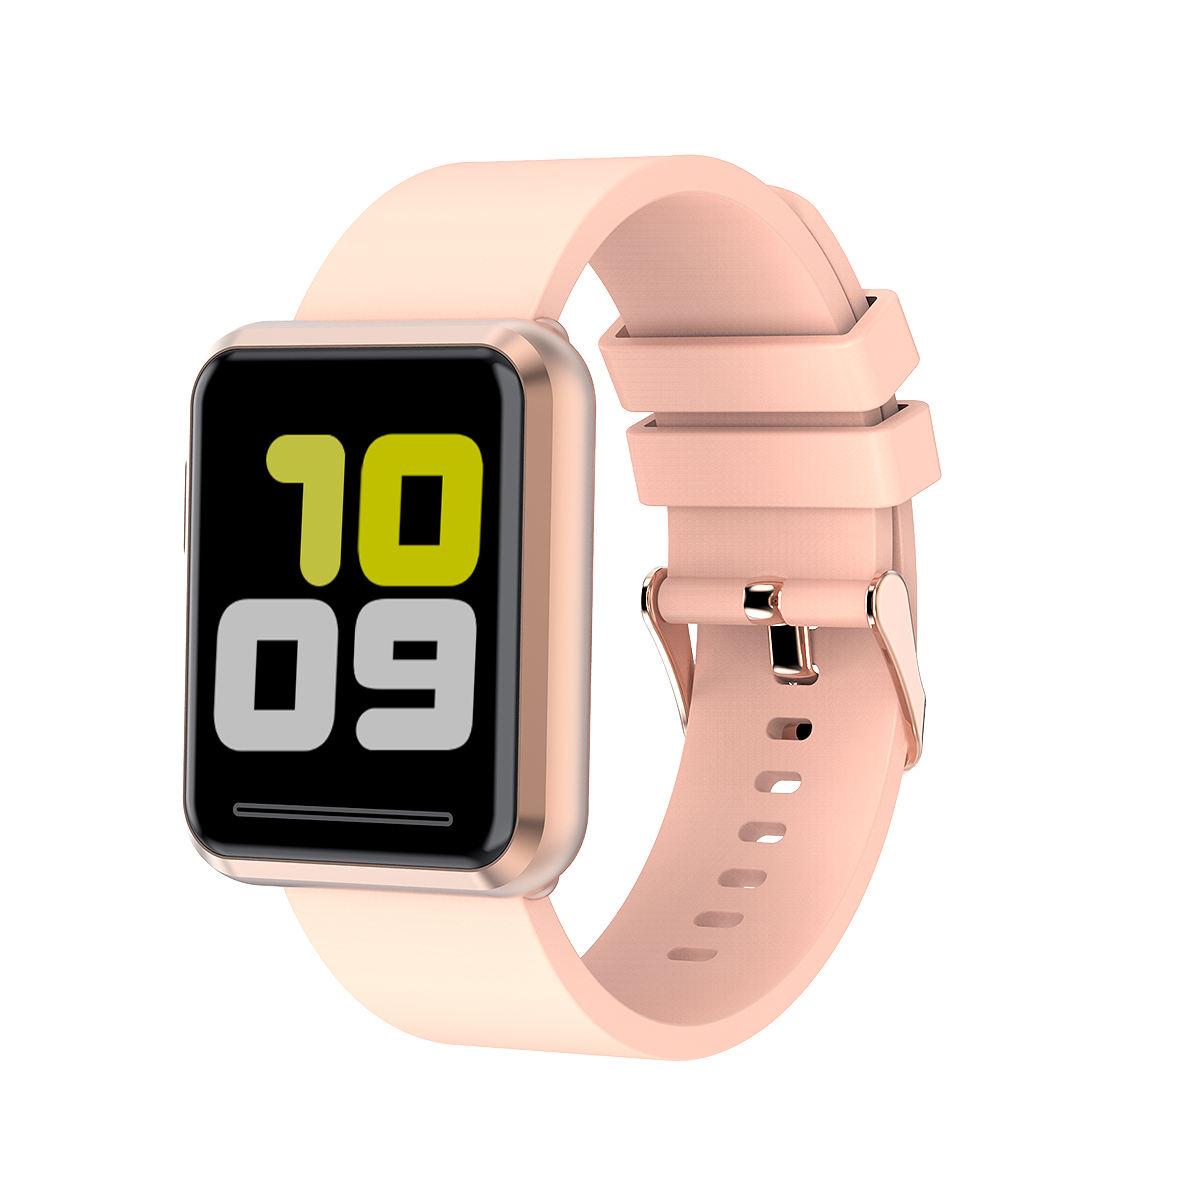 Yarım yansıtır ışık yarı geçirgen montre connecte sıkılaştırma bandı 2020 akıllı saat